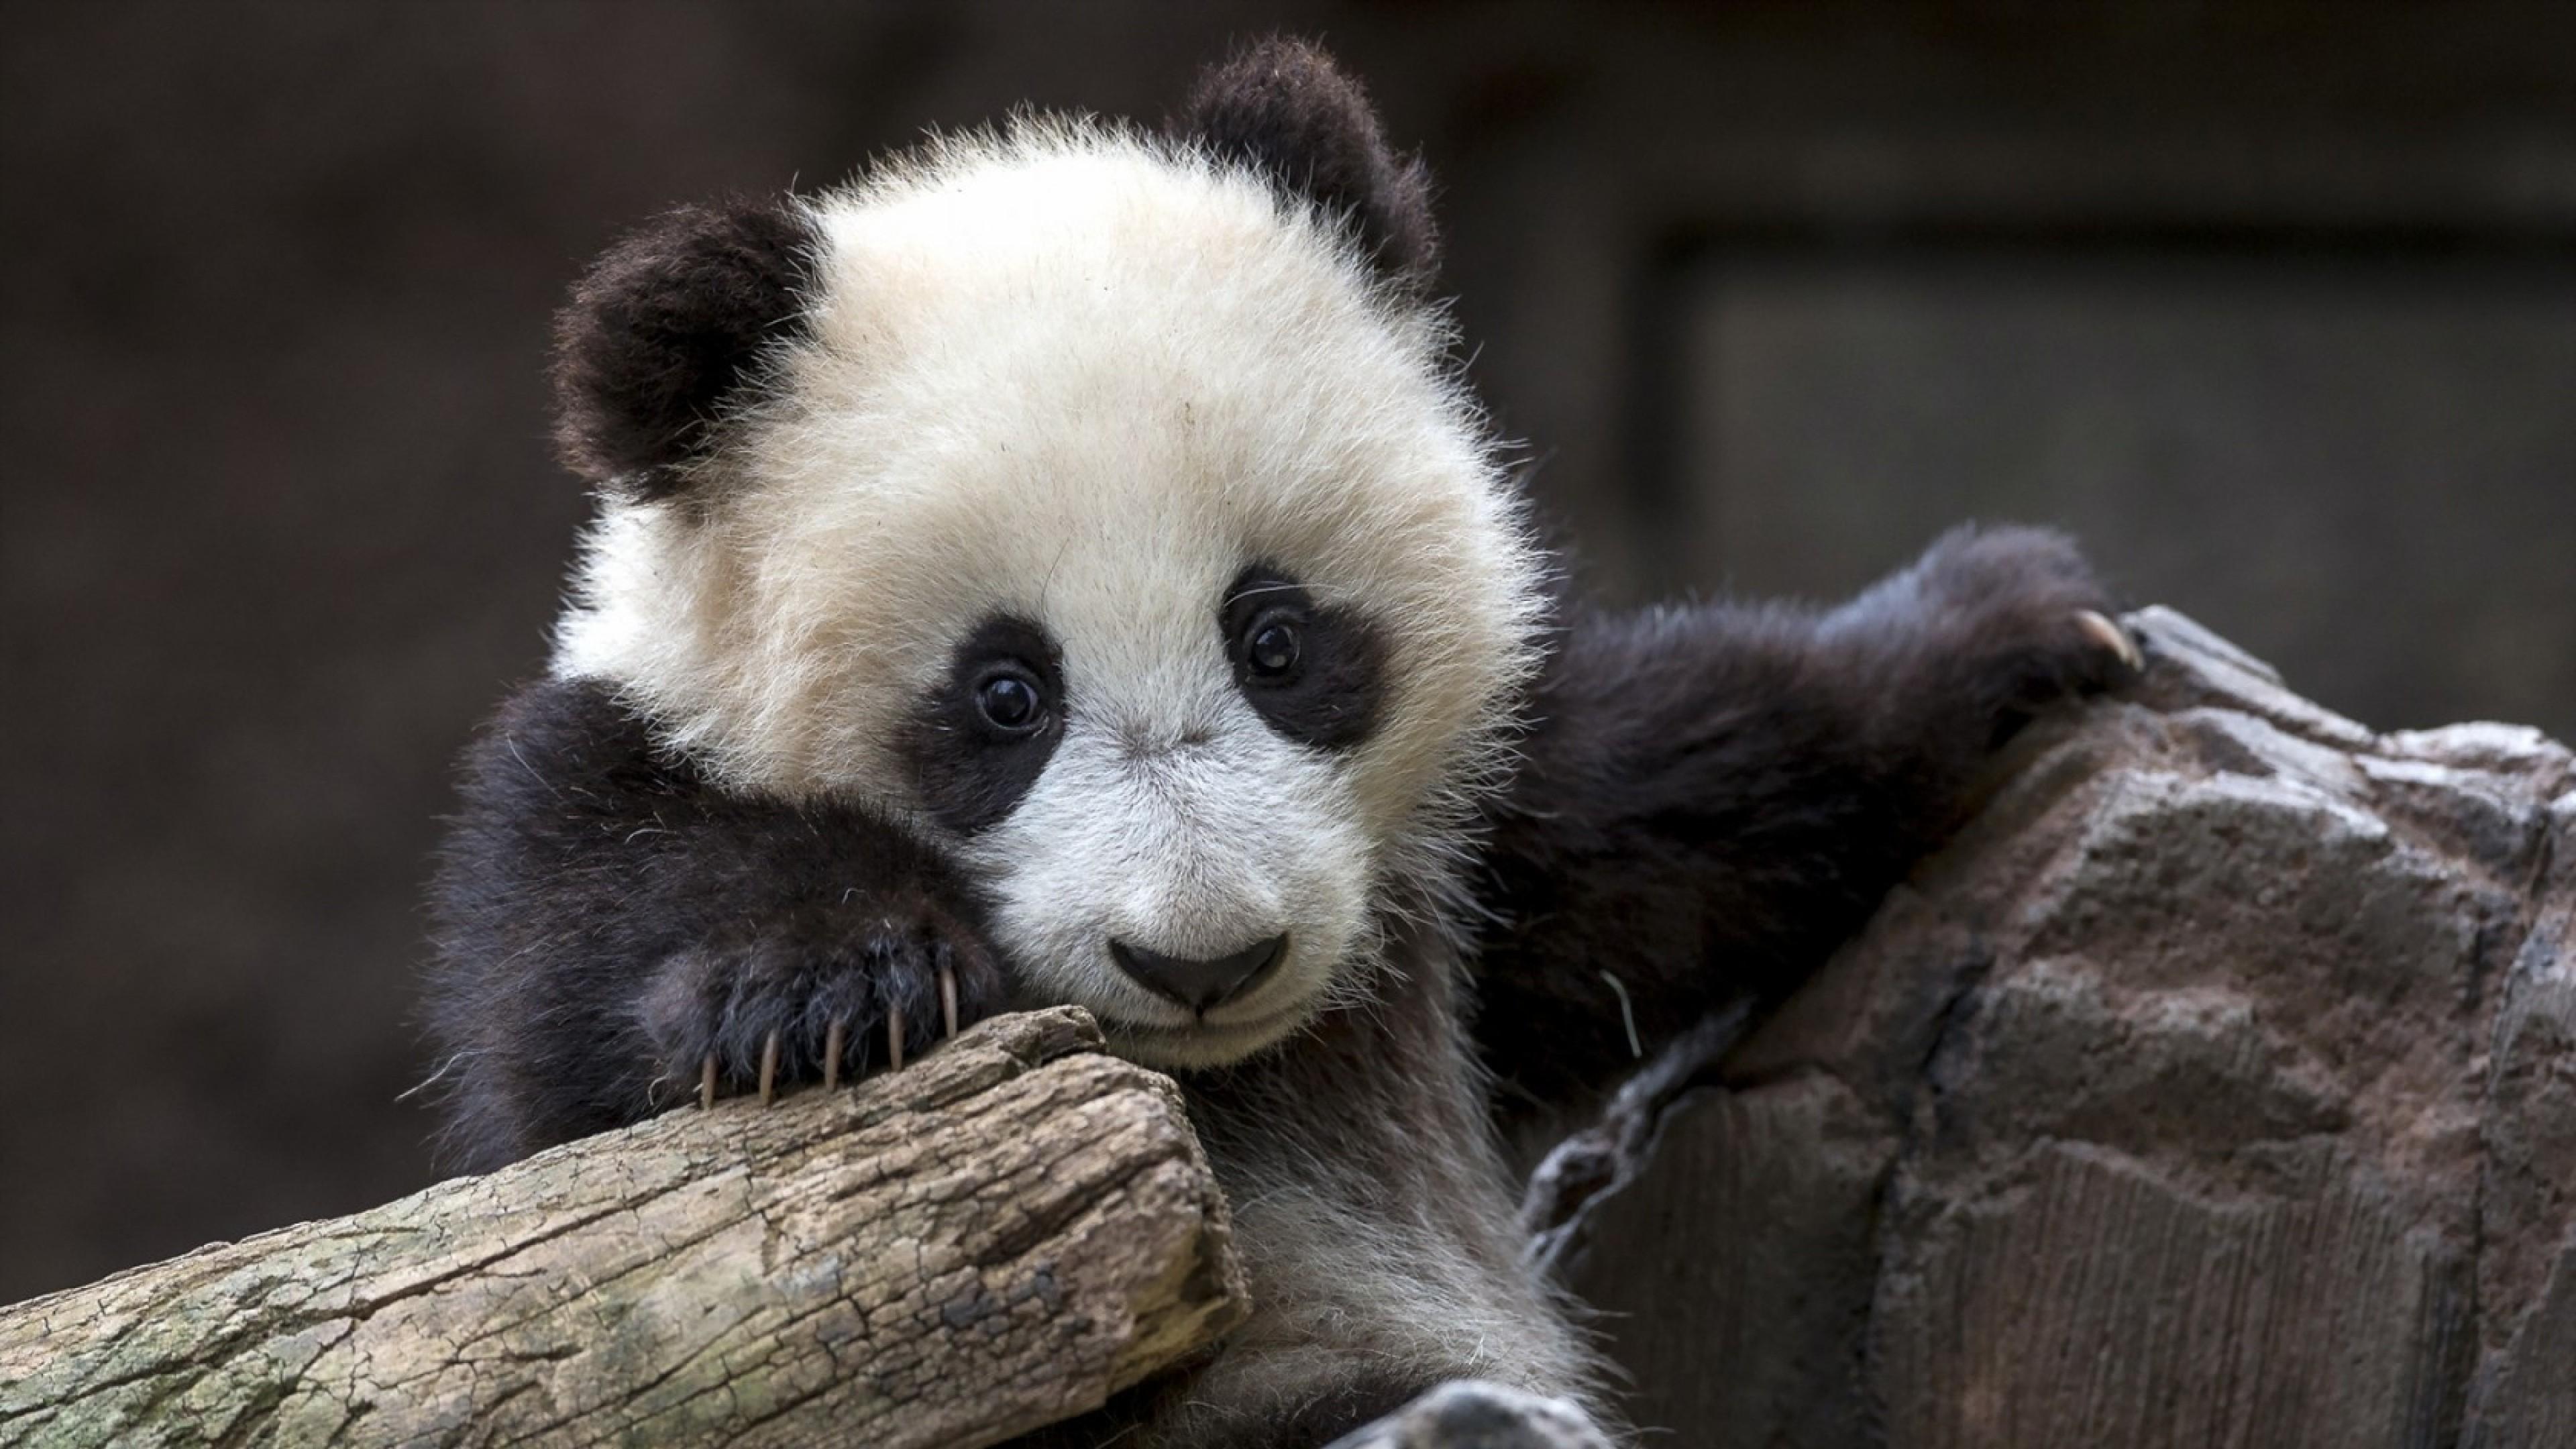 Panda Bear Background (44+ Images